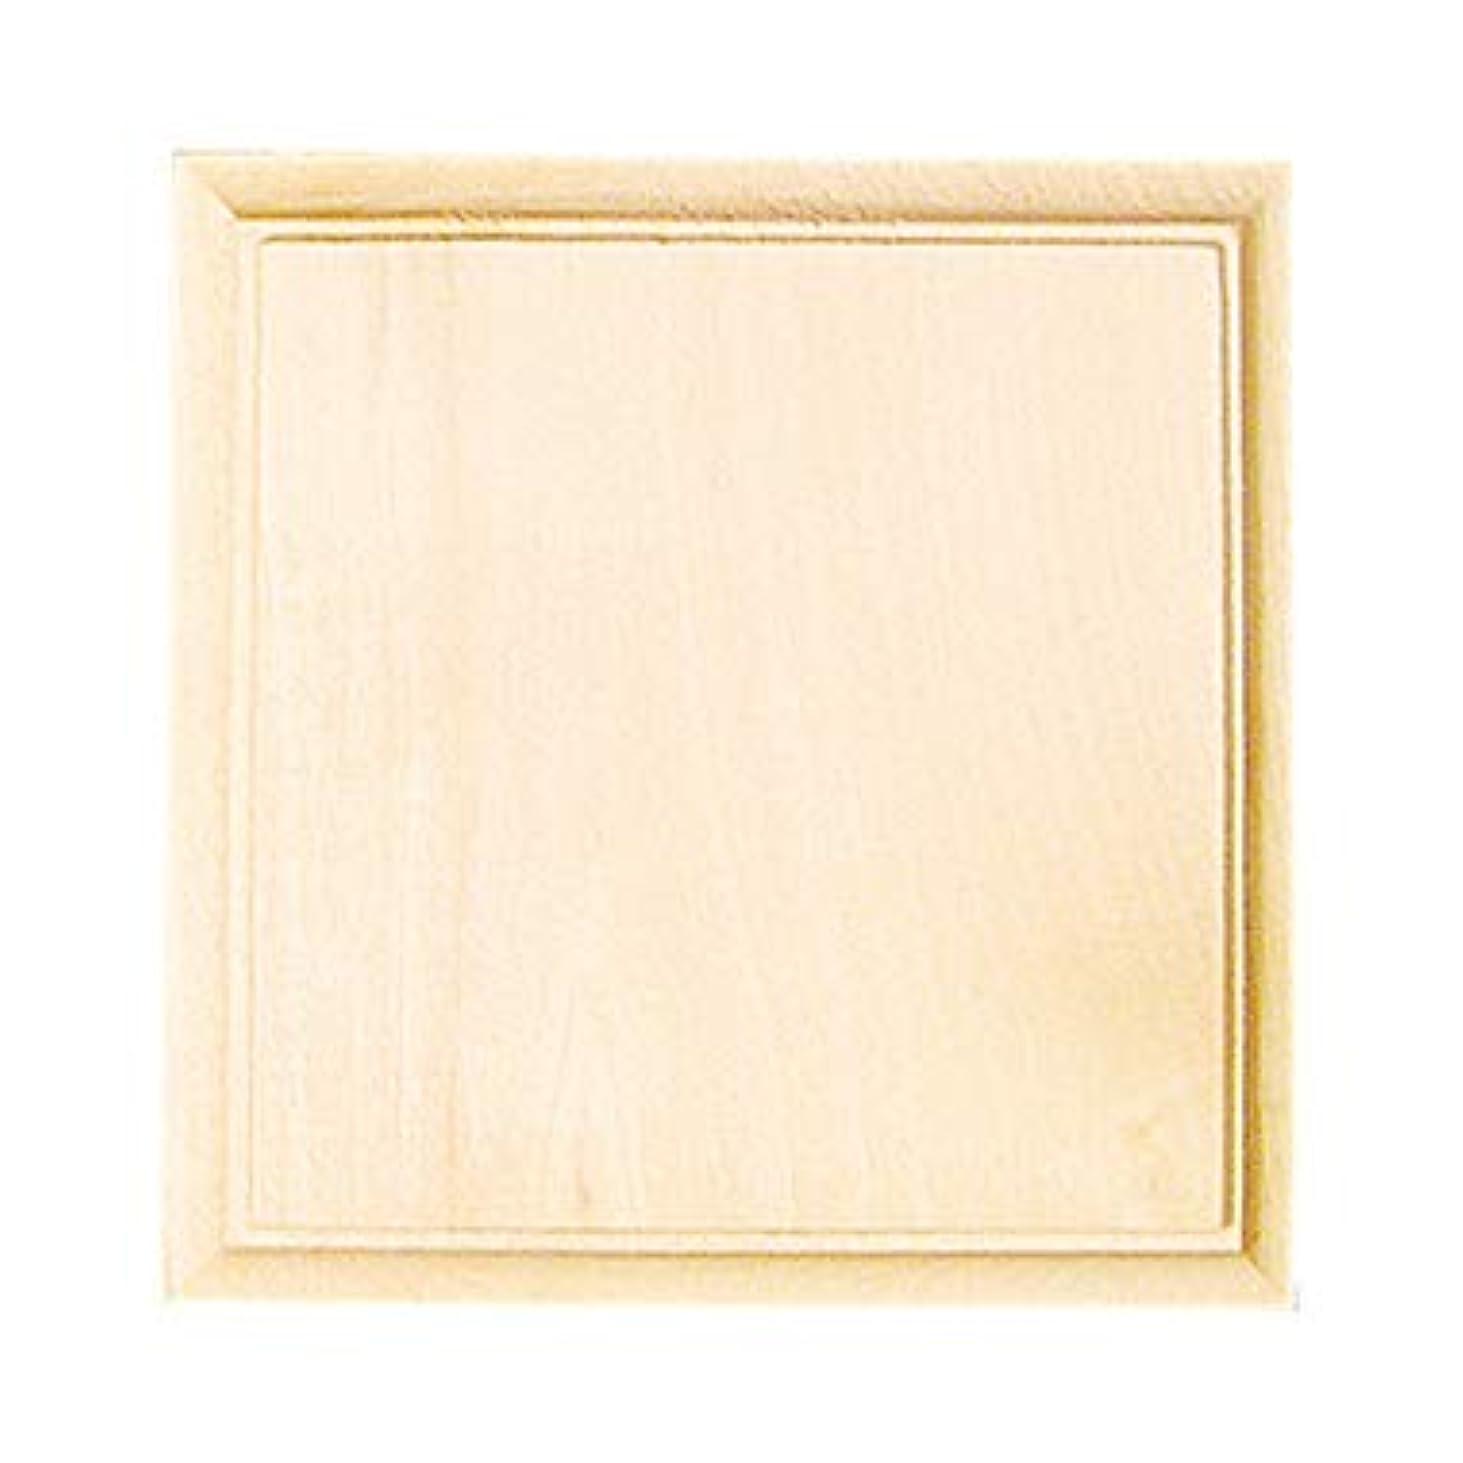 展示会消化器衝突するアシーナ Wood コーナープラーク(M) 15003282